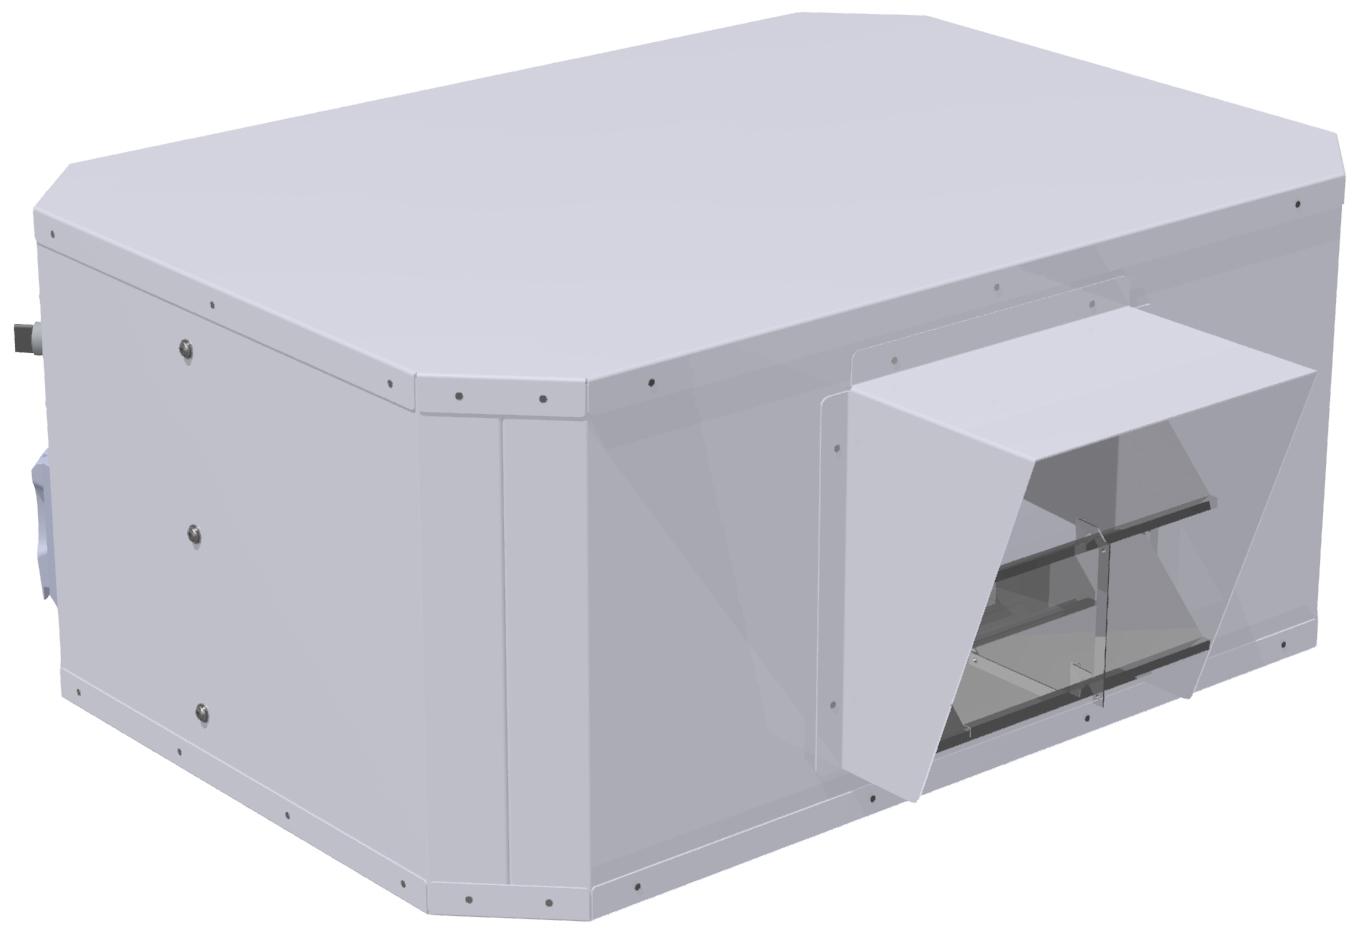 Windows Hepa Filter Fan BKL-WHF-250-110-1-1 - BKL WHF 250 110 1 1 2